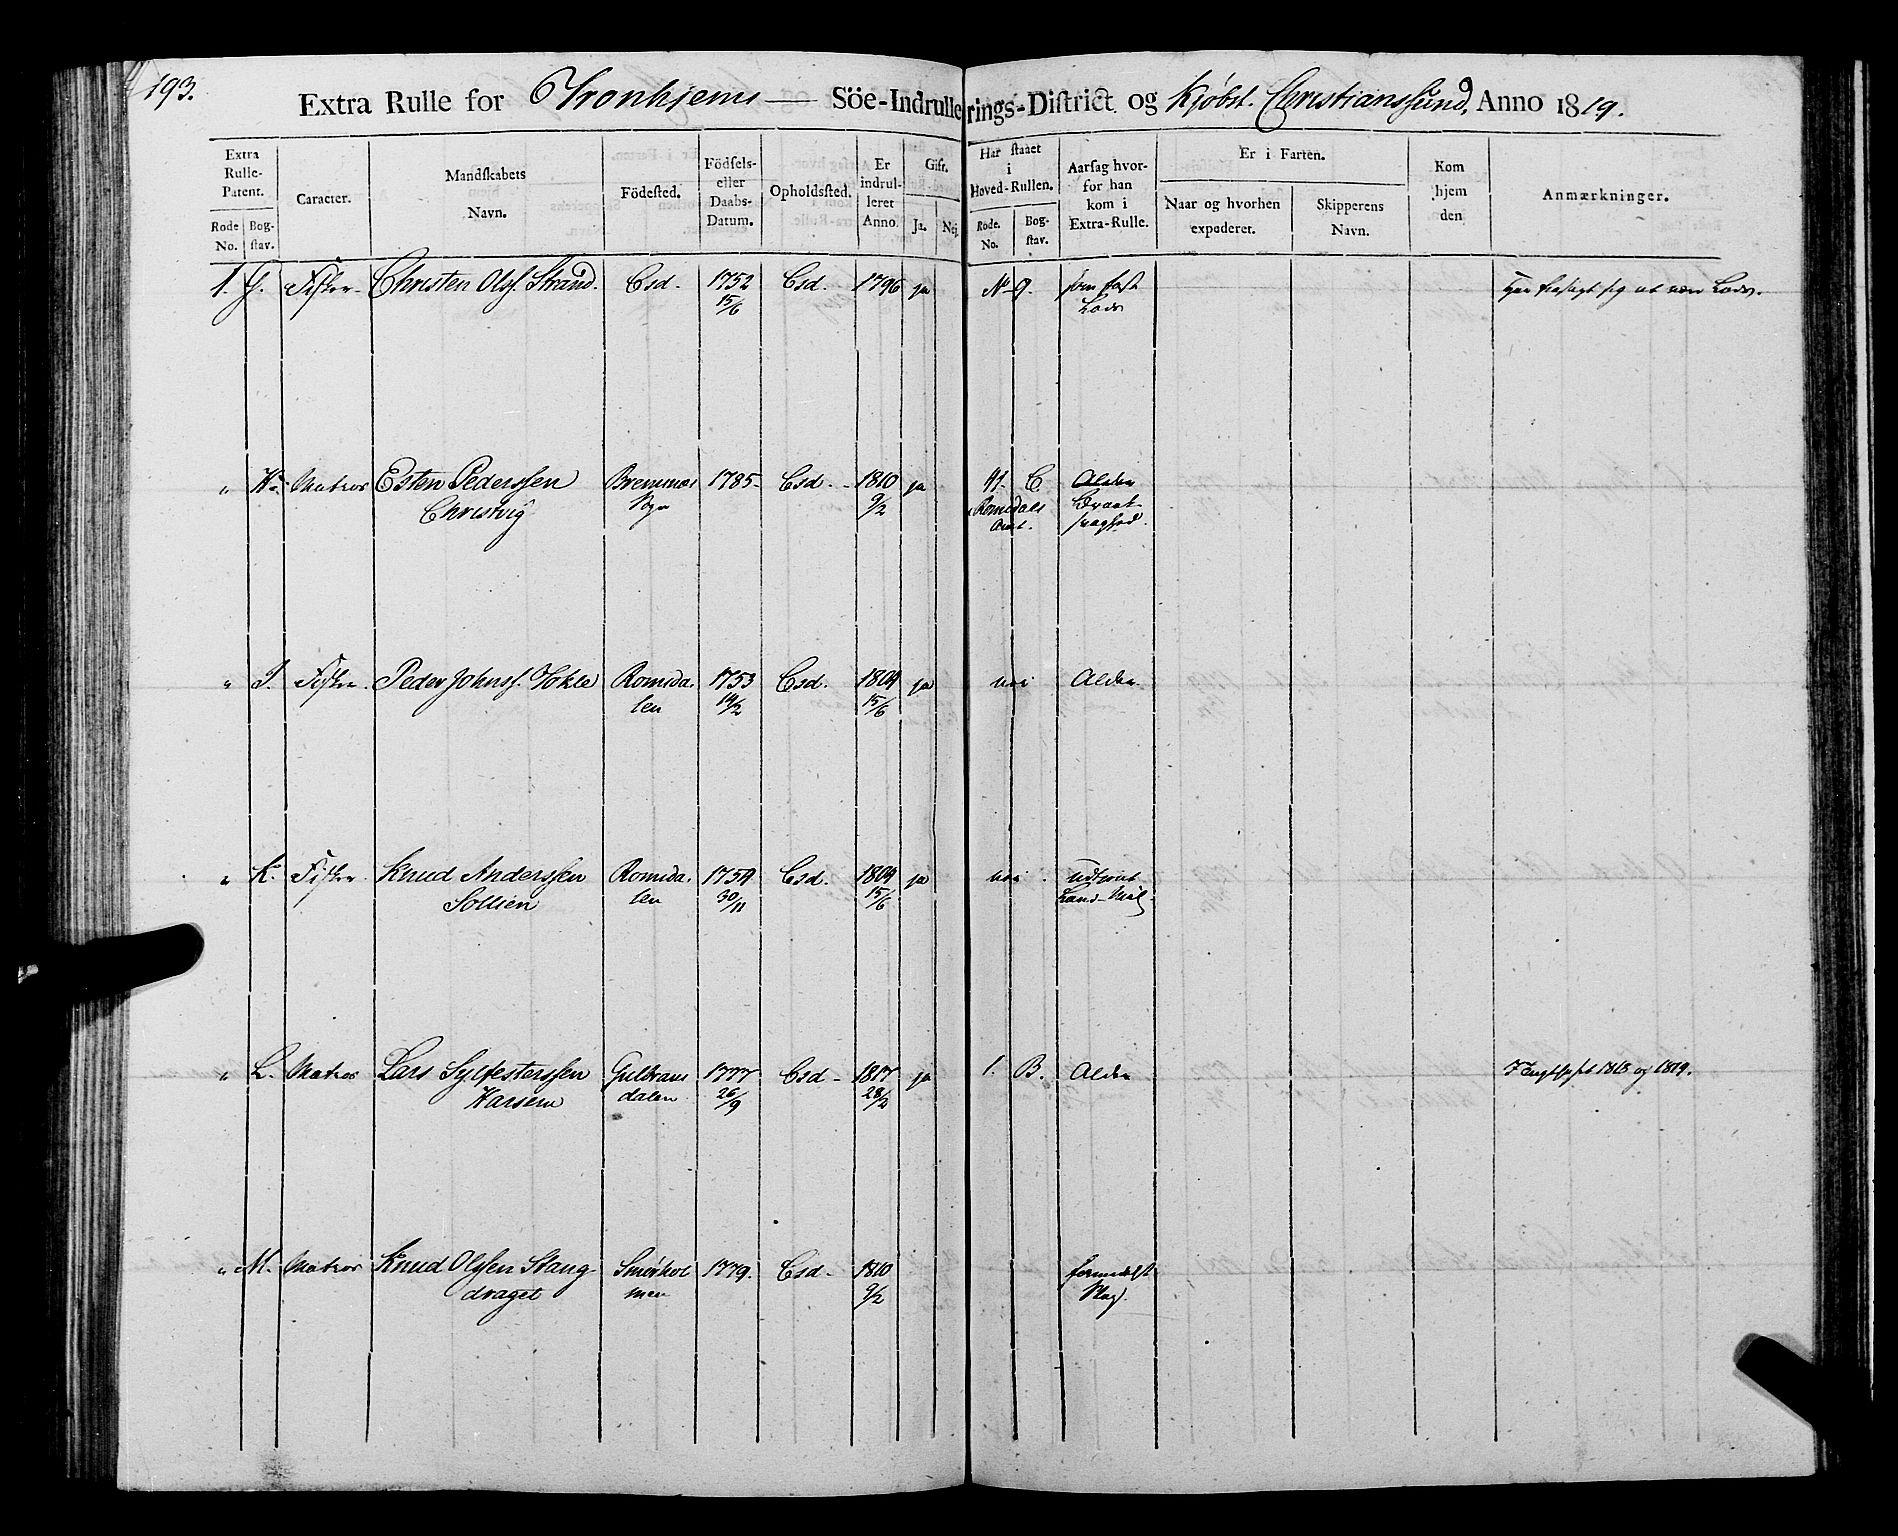 SAT, Sjøinnrulleringen - Trondhjemske distrikt, 01/L0016: --, 1819, s. 193